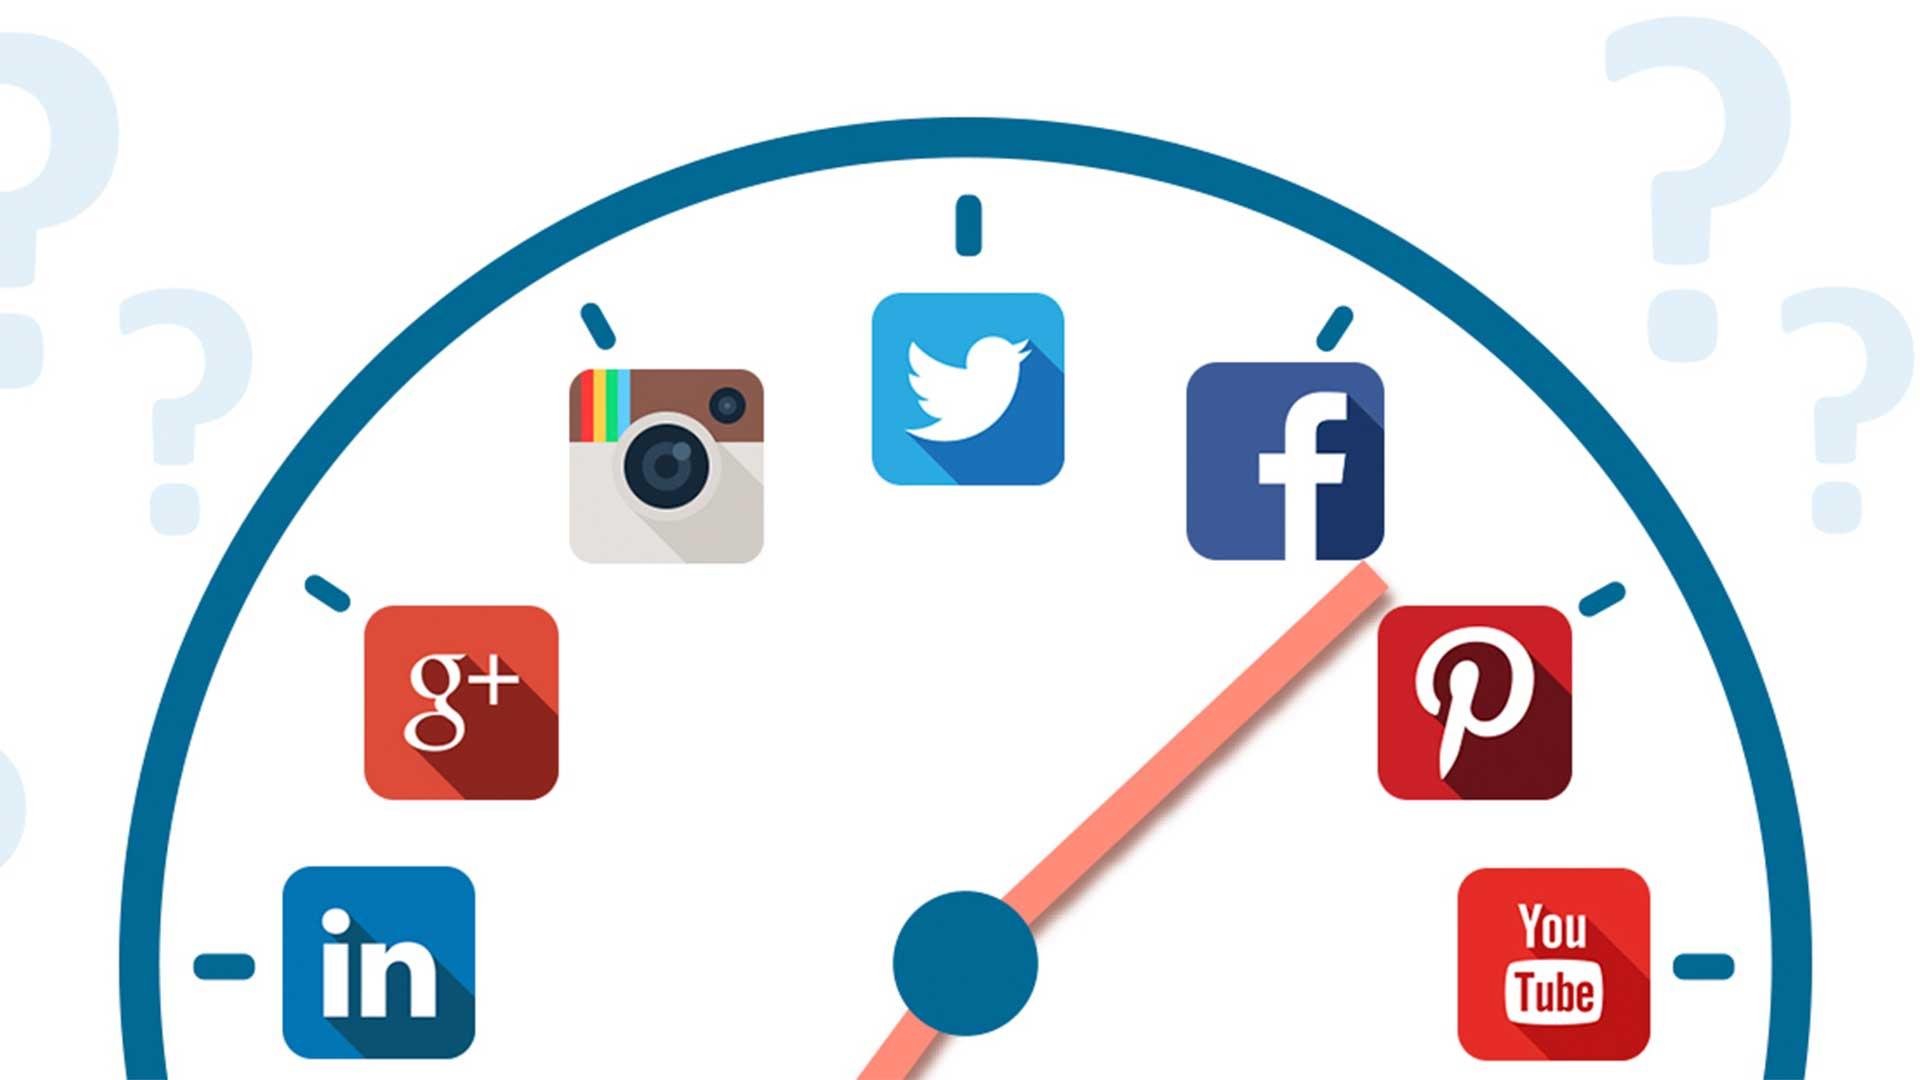 Agencia Sidecar agencia-sidecar-blog-hora-publicar-en-redes-sociales-miniatura ¿Sabes cuál es el mejor horario para publicar en Redes Sociales?